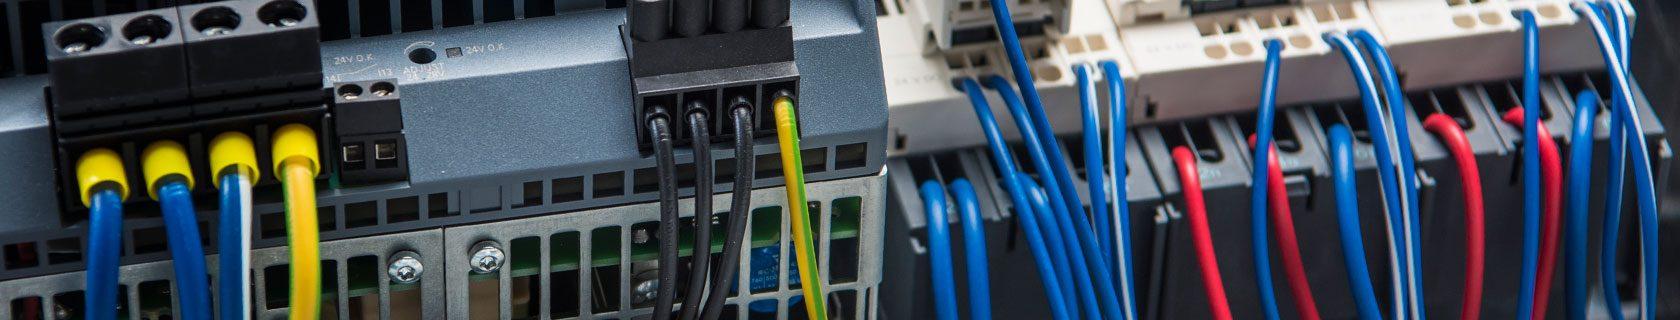 Wir bieten Jobs in der Kabelkonfektion